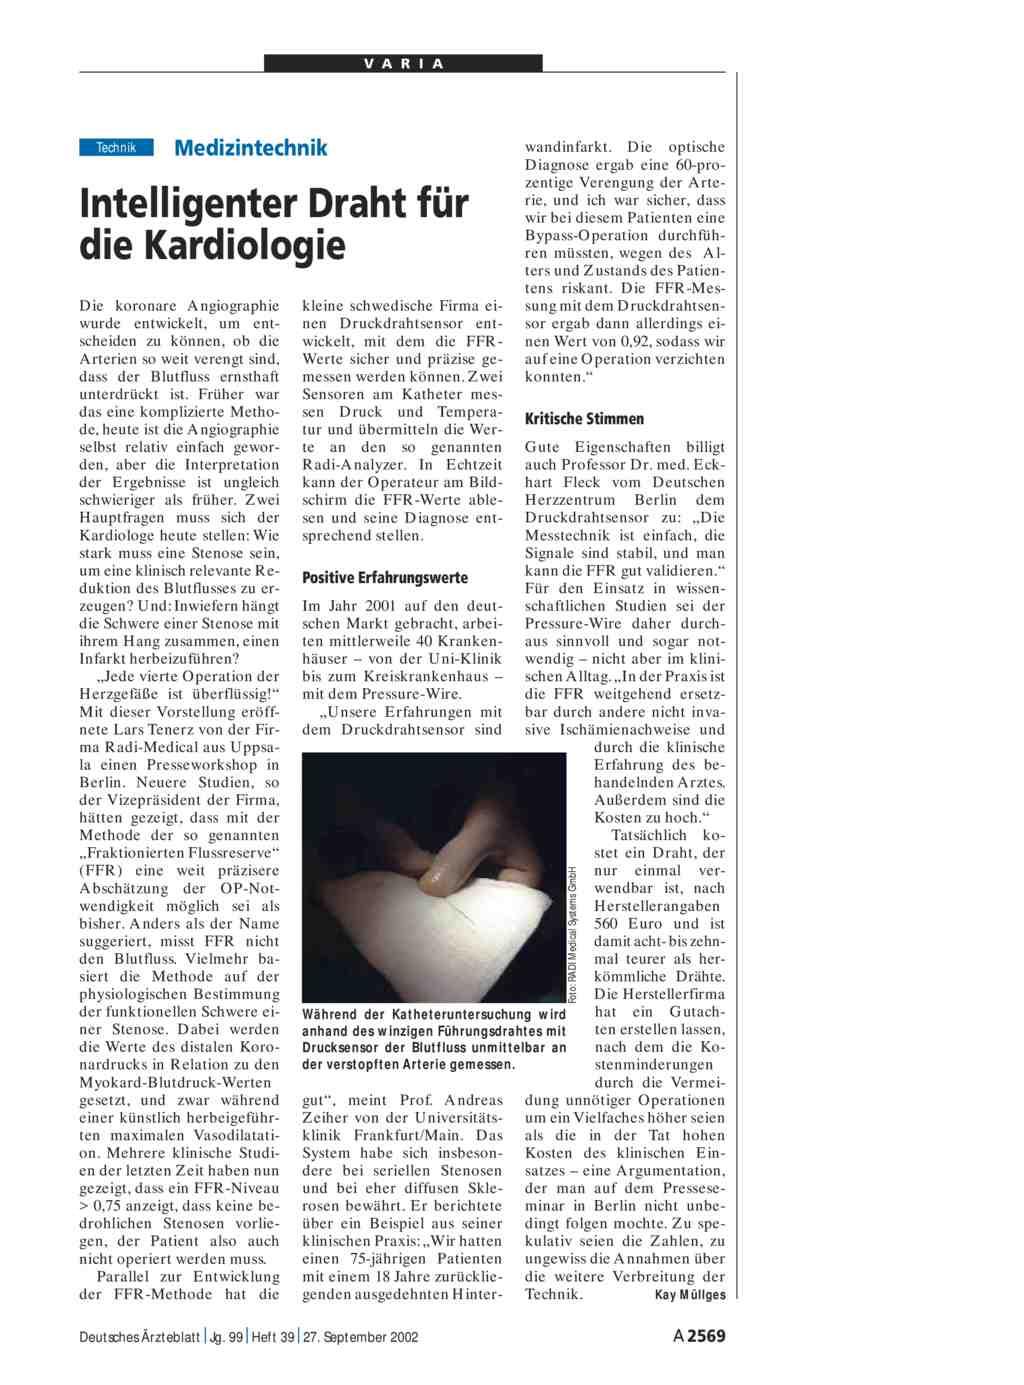 Medizintechnik: Intelligenter Draht für die Kardiologie